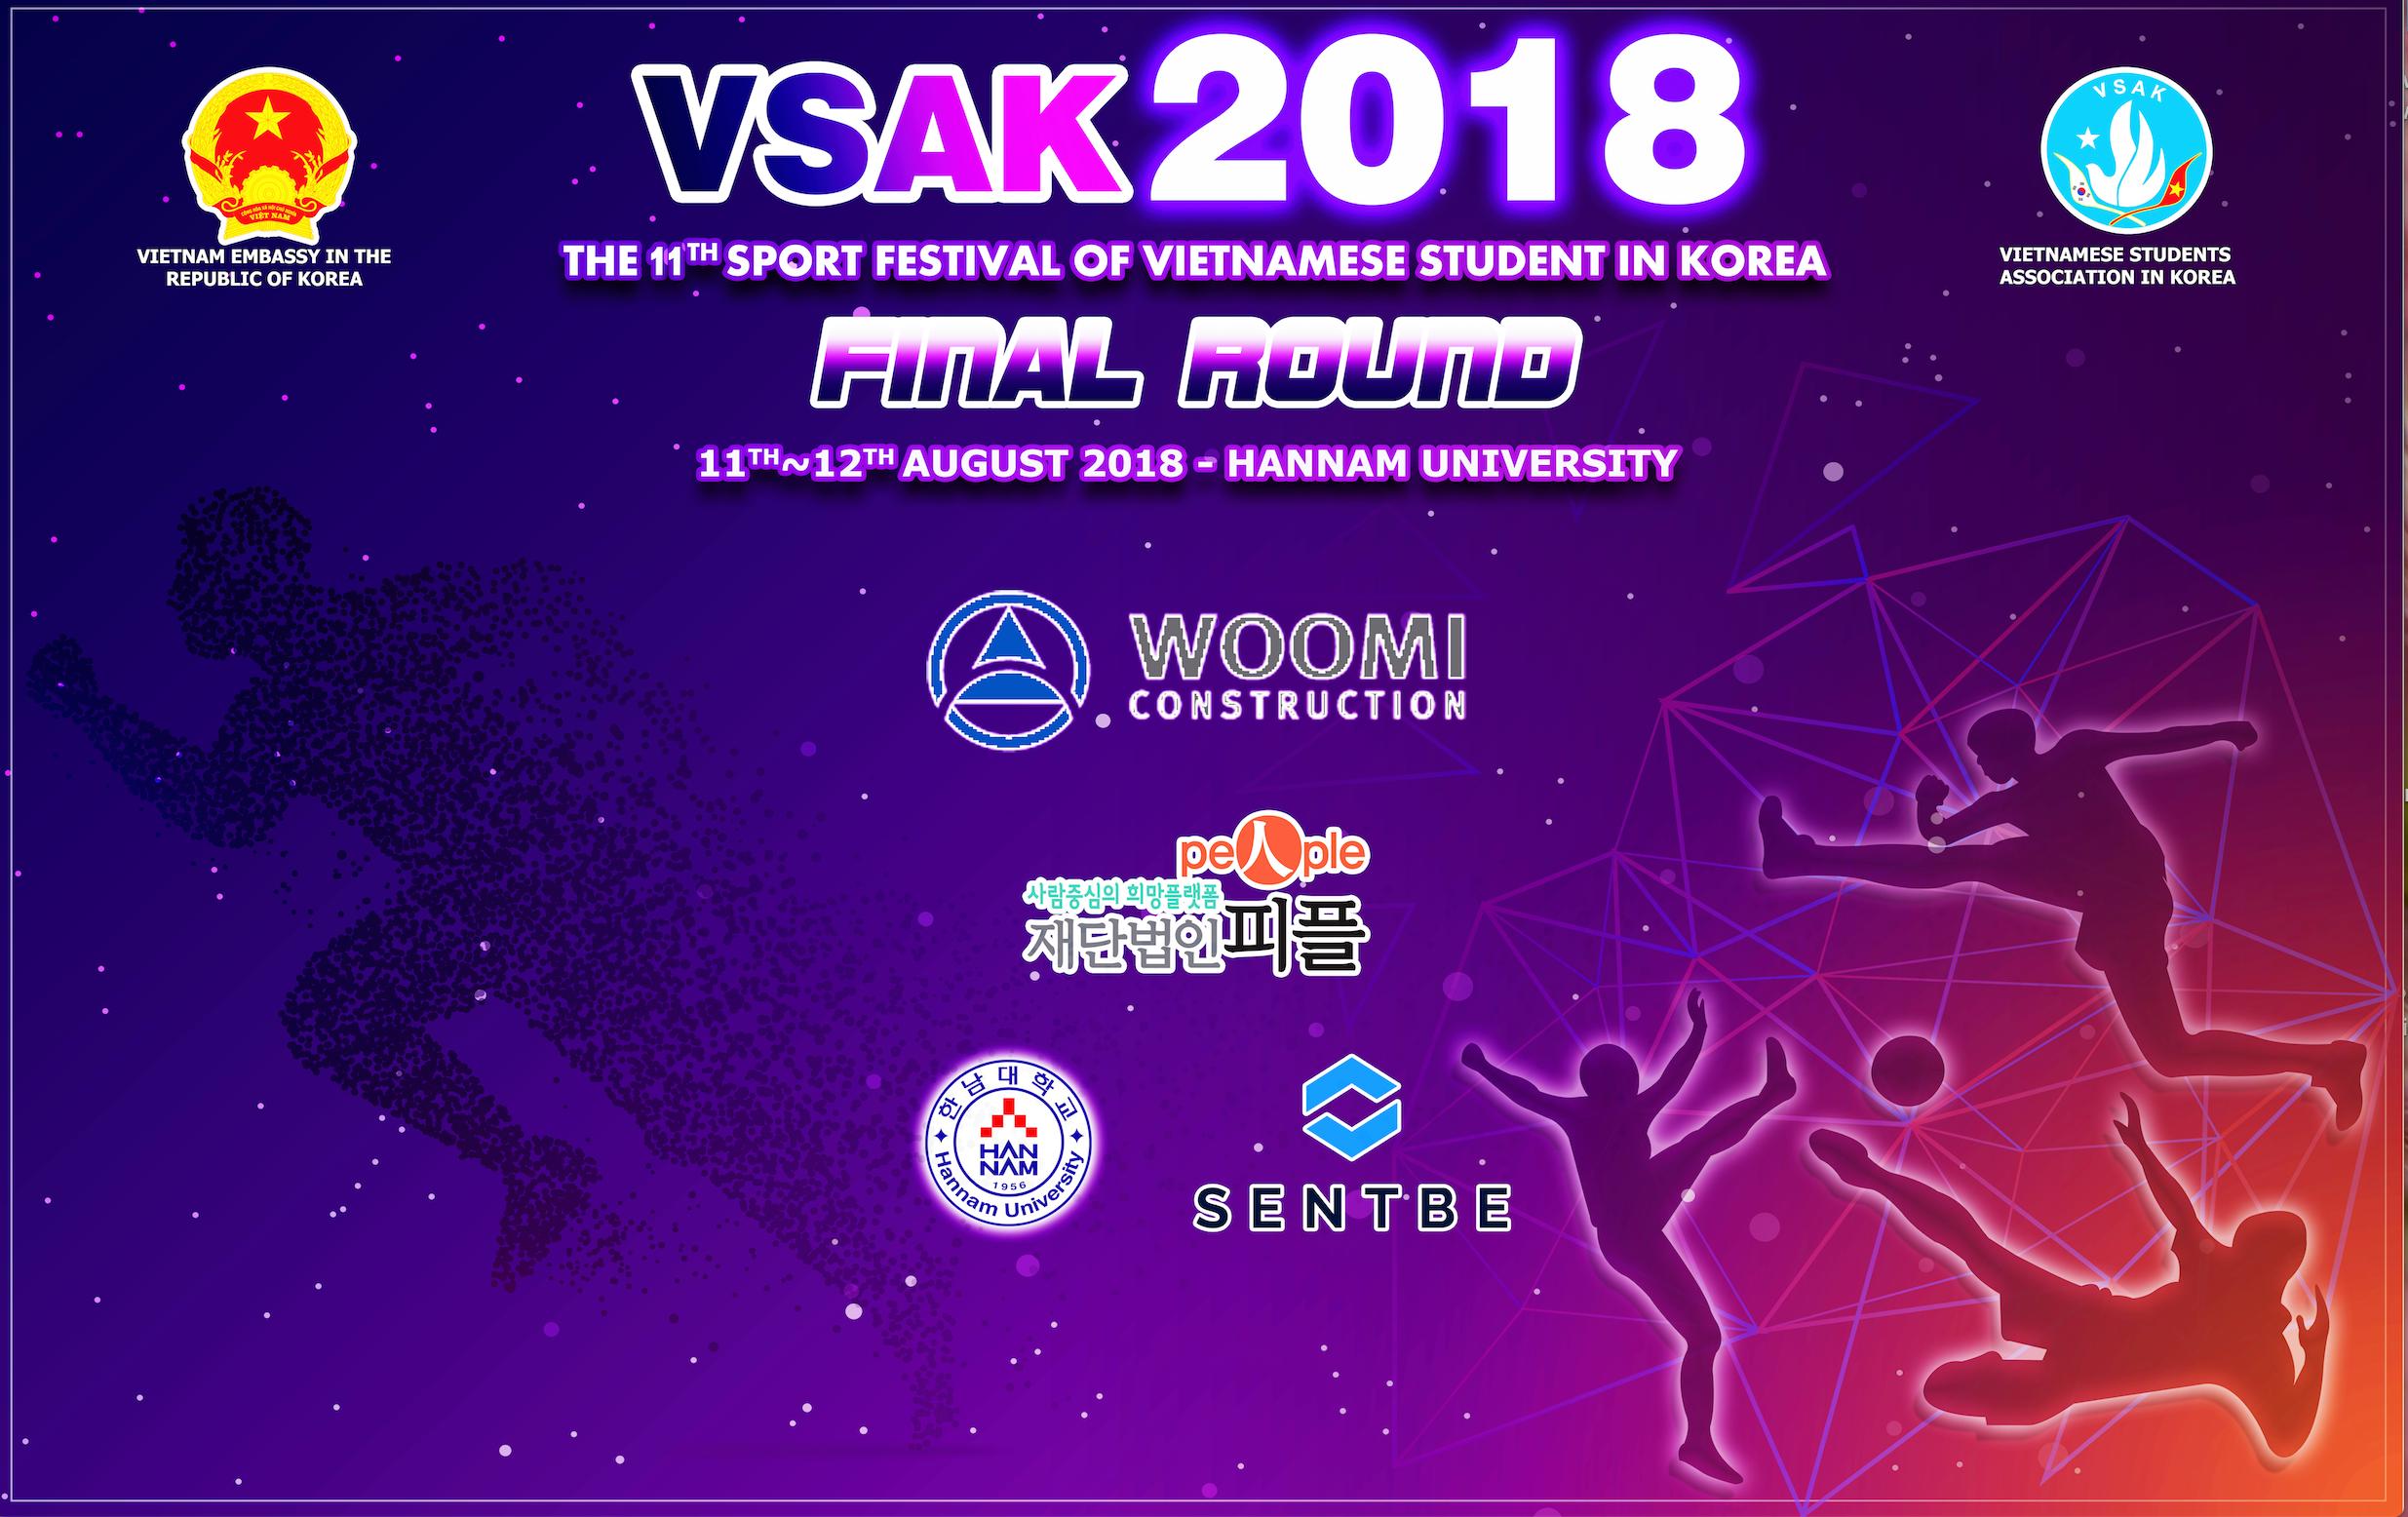 Đại hội thể dục thể thao dành cho sinh viên Việt Nam tại Hàn Quốc lần thứ 11